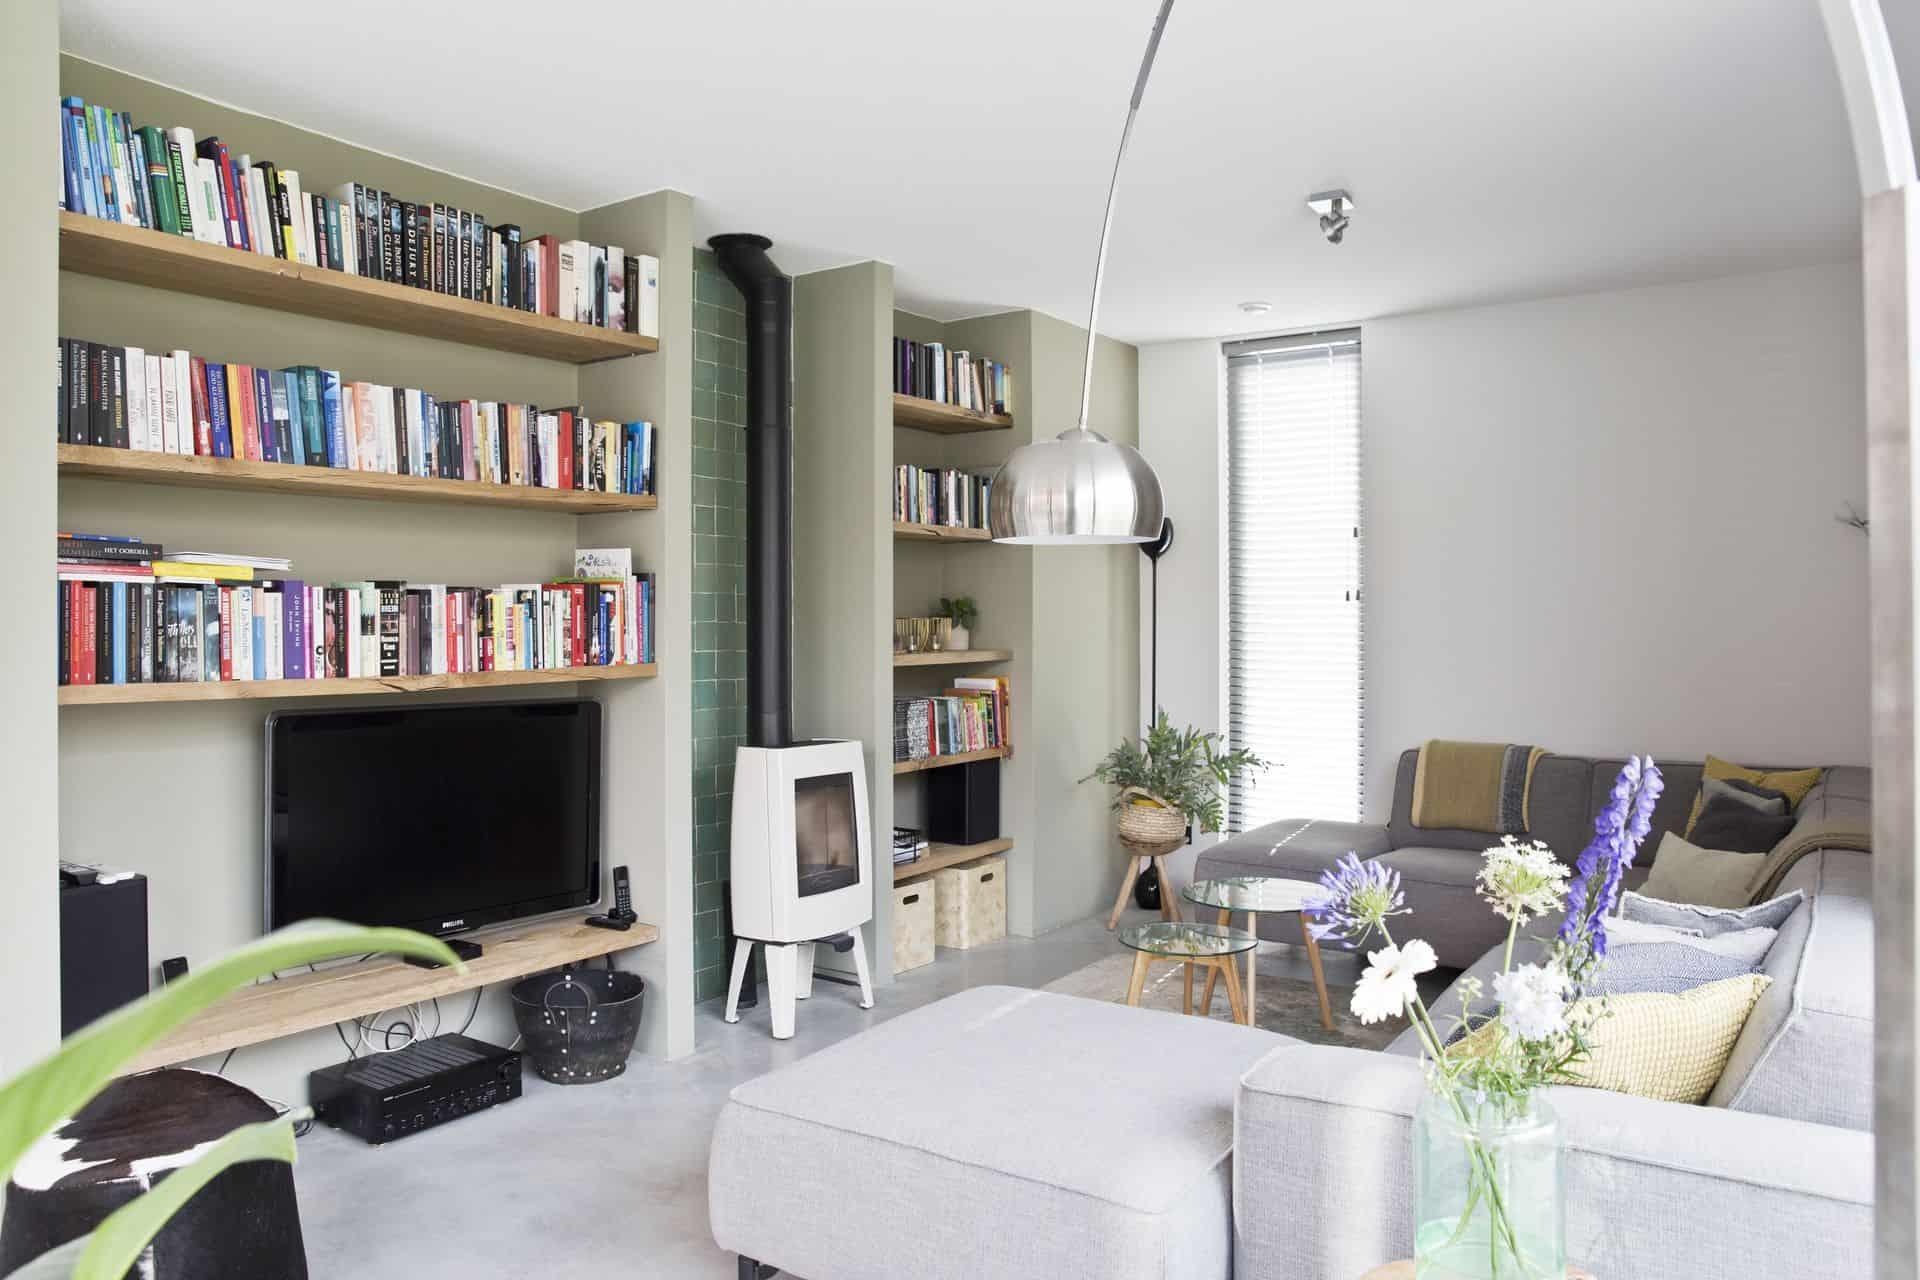 betonnen vloer woonkamer, betonvloer huiskamer